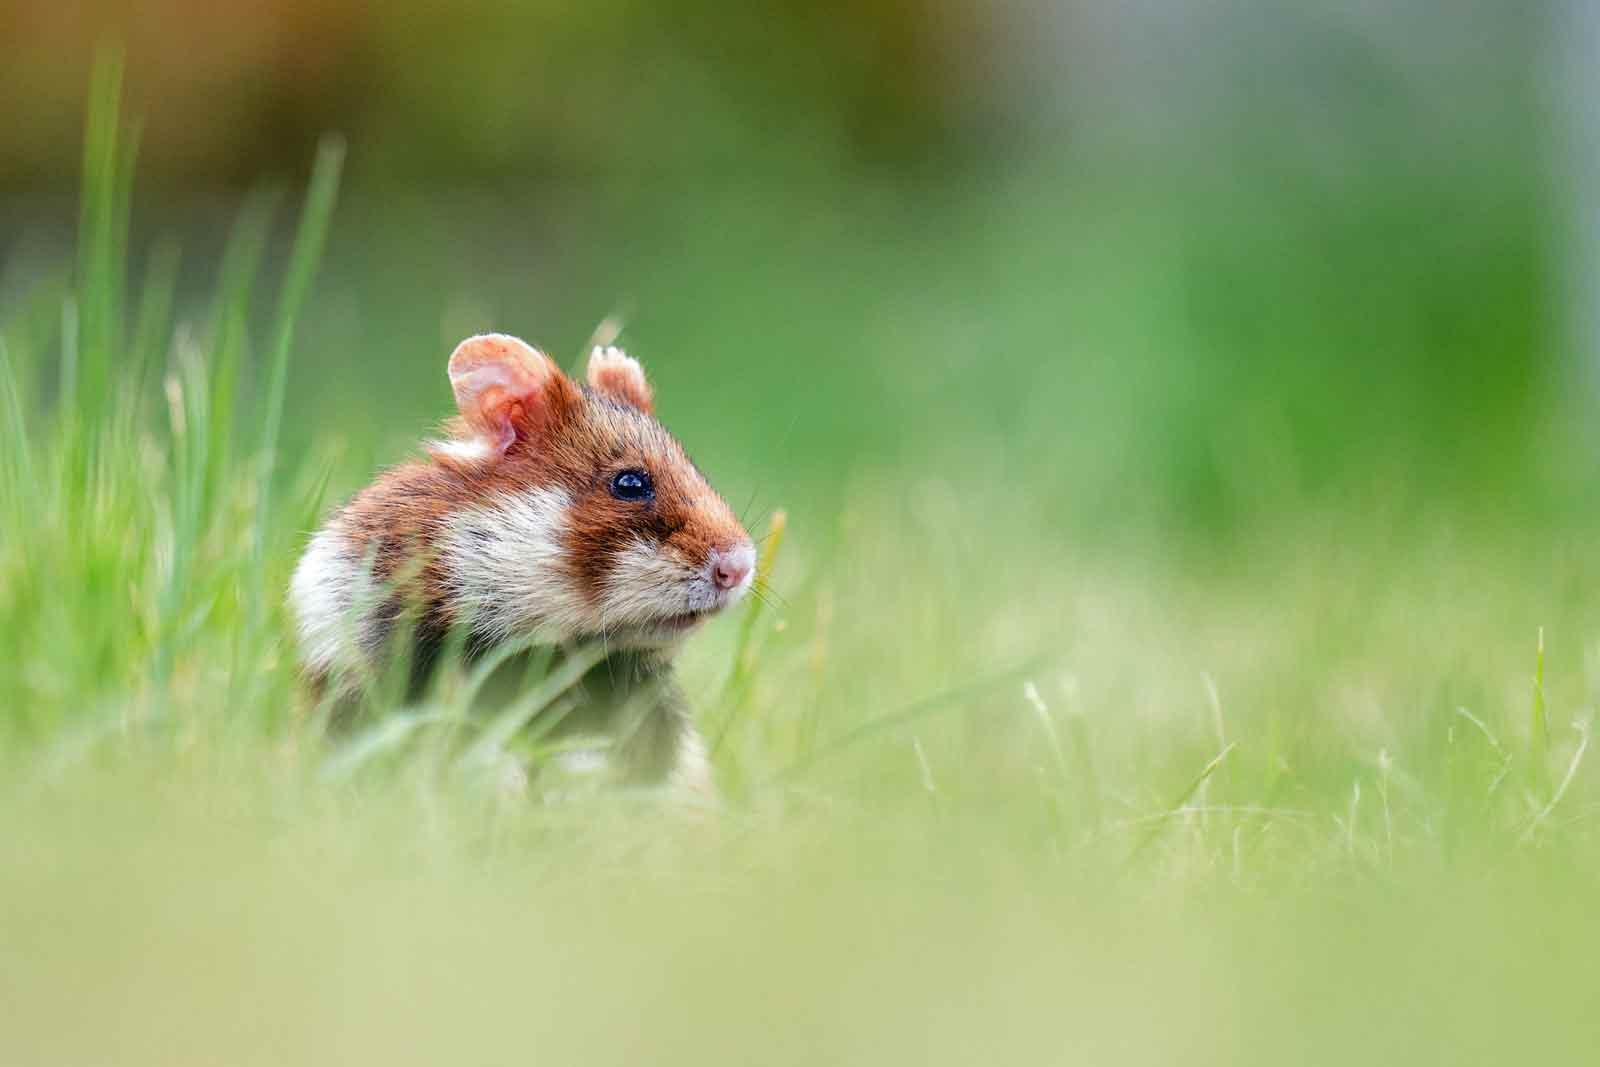 Unmittelbar vom Aussterben bedroht ist beispielsweise der Feldhamster. Der kleine Nager steht auf der weltweiten Roten Liste der bedrohten Arten. Für vom Aussterben bedrohte Tiere braucht es ein Notprogramm. (Foto: Nabu)